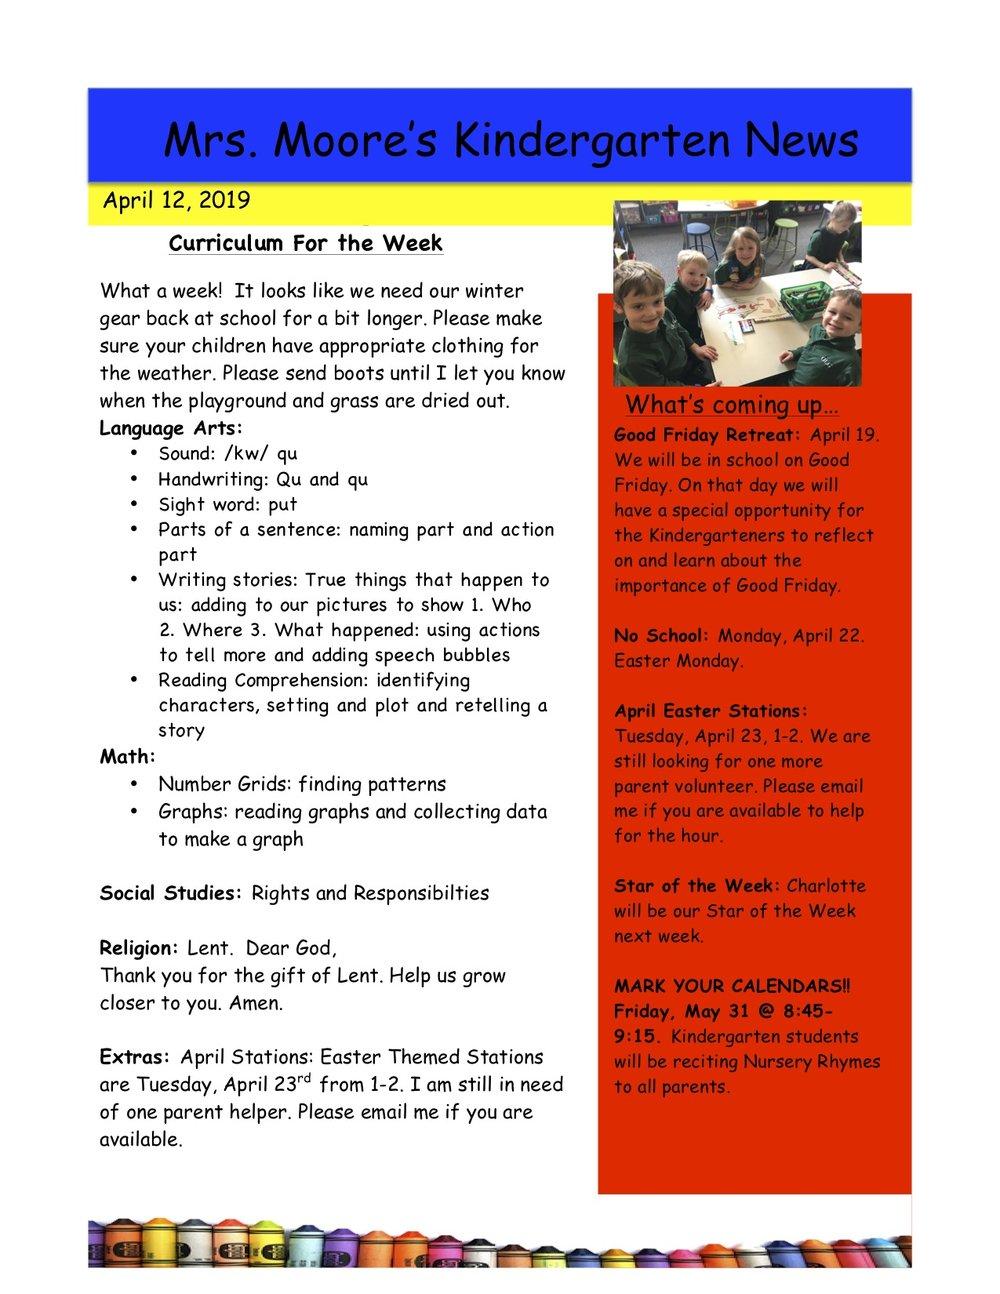 MooreNewsletter Week 4-8-19.jpg